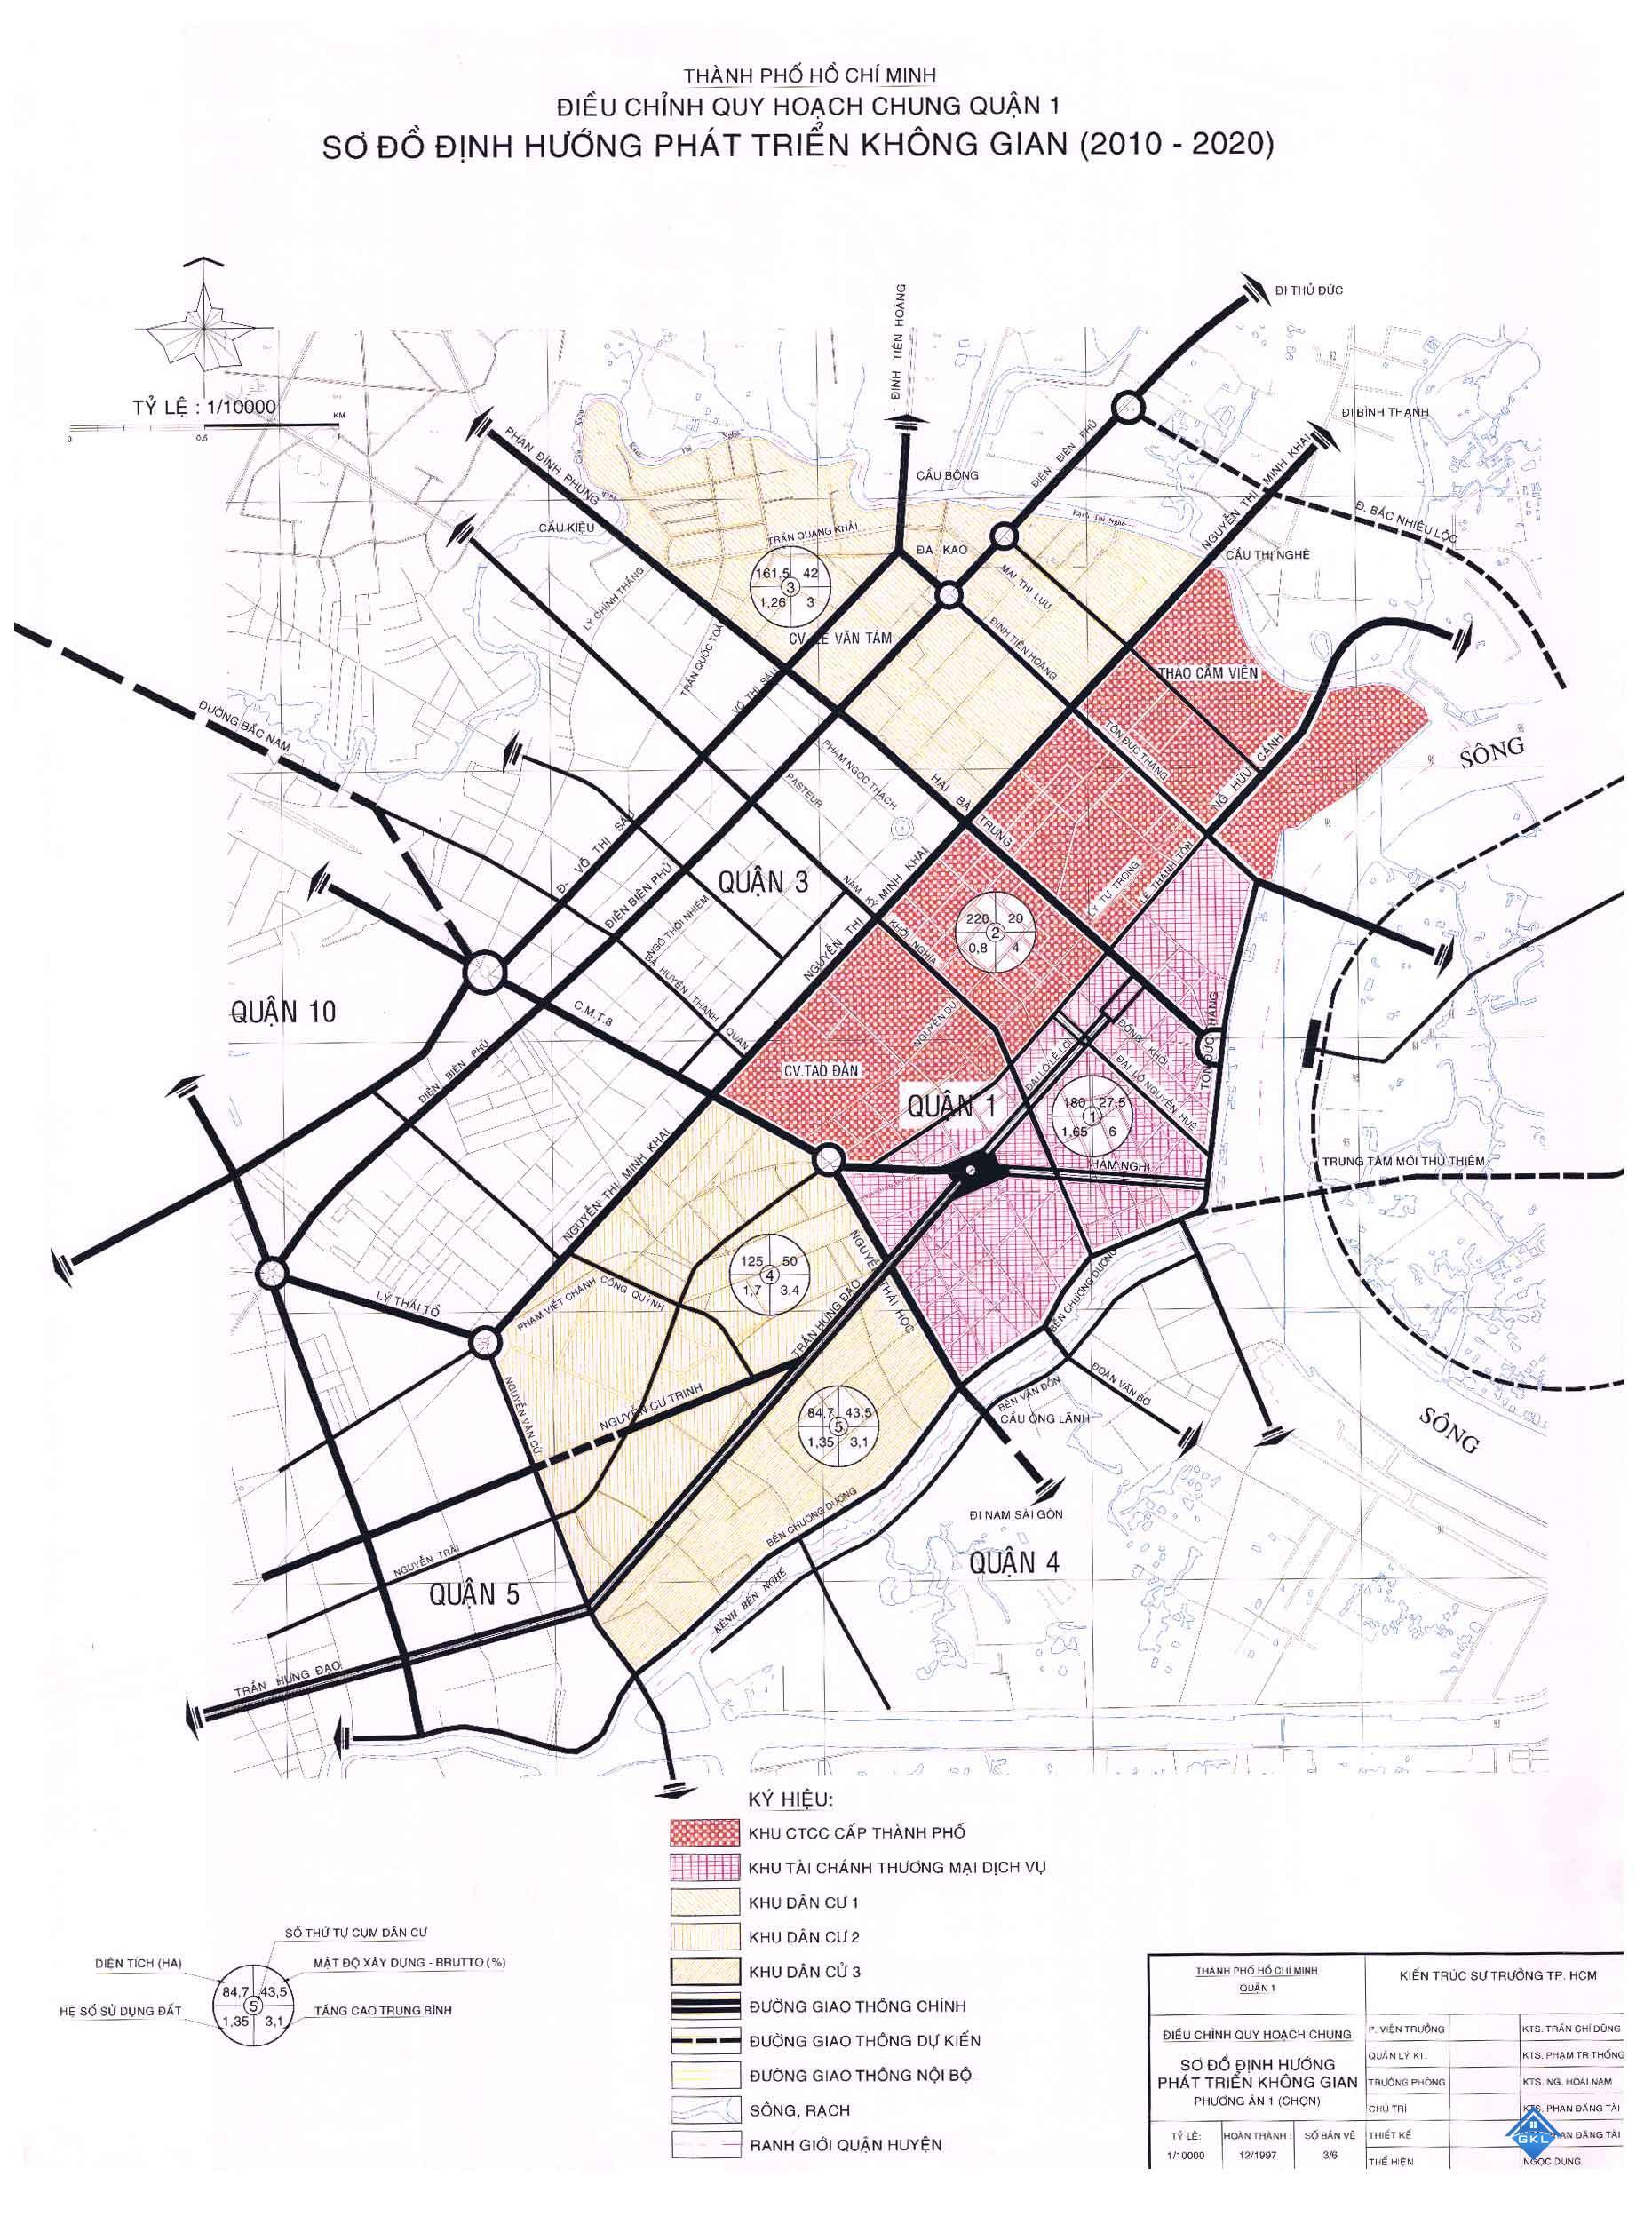 Bảng giá đất quận 1 TP HCM 2018